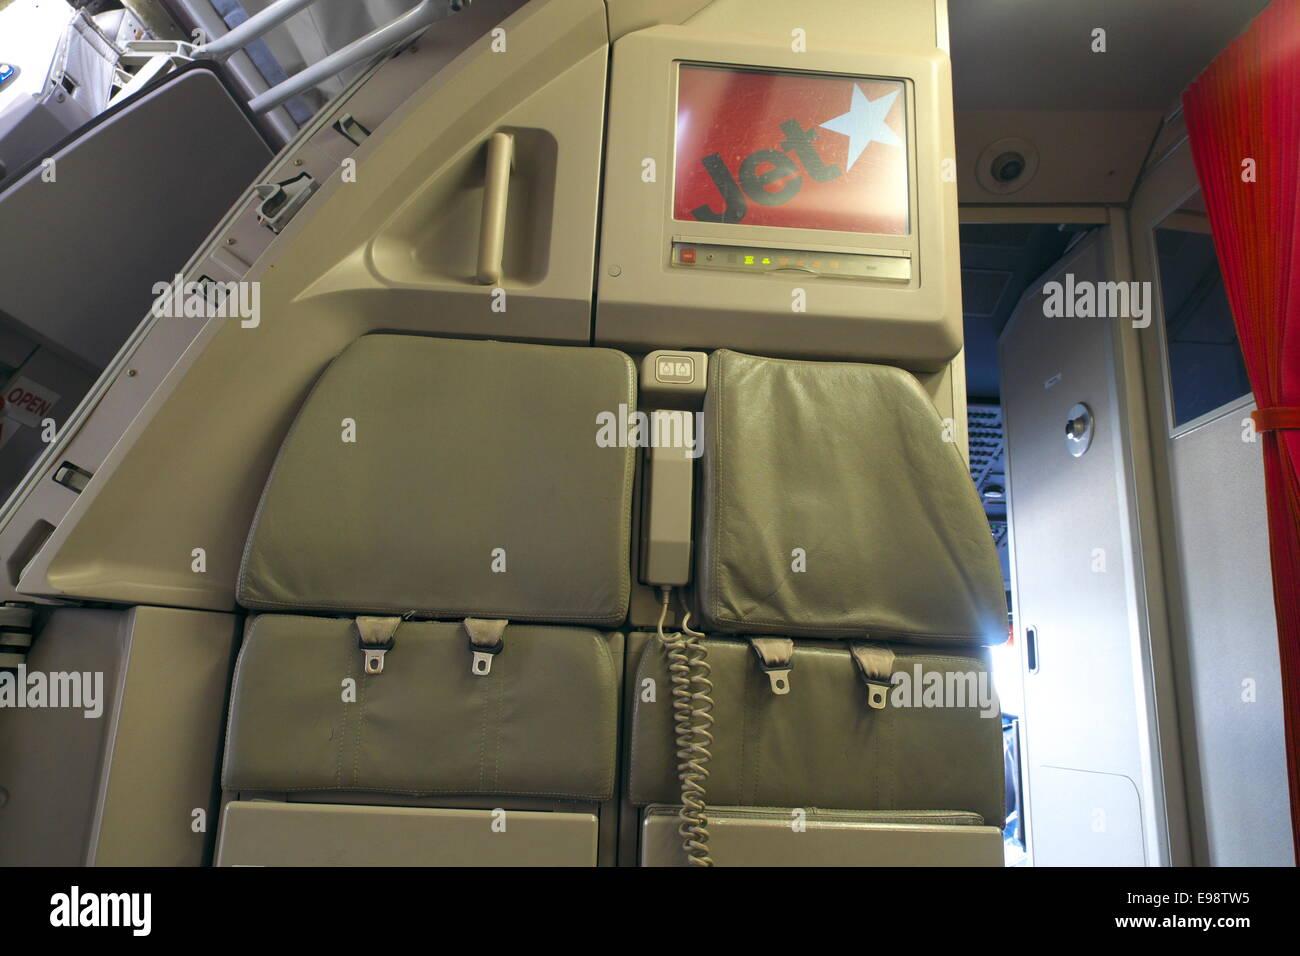 https://c8.alamy.com/compfr/e98tw5/sieges-de-lequipage-de-cabine-a-linterieur-dun-avion-jetstar-en-australie-australie-e98tw5.jpg